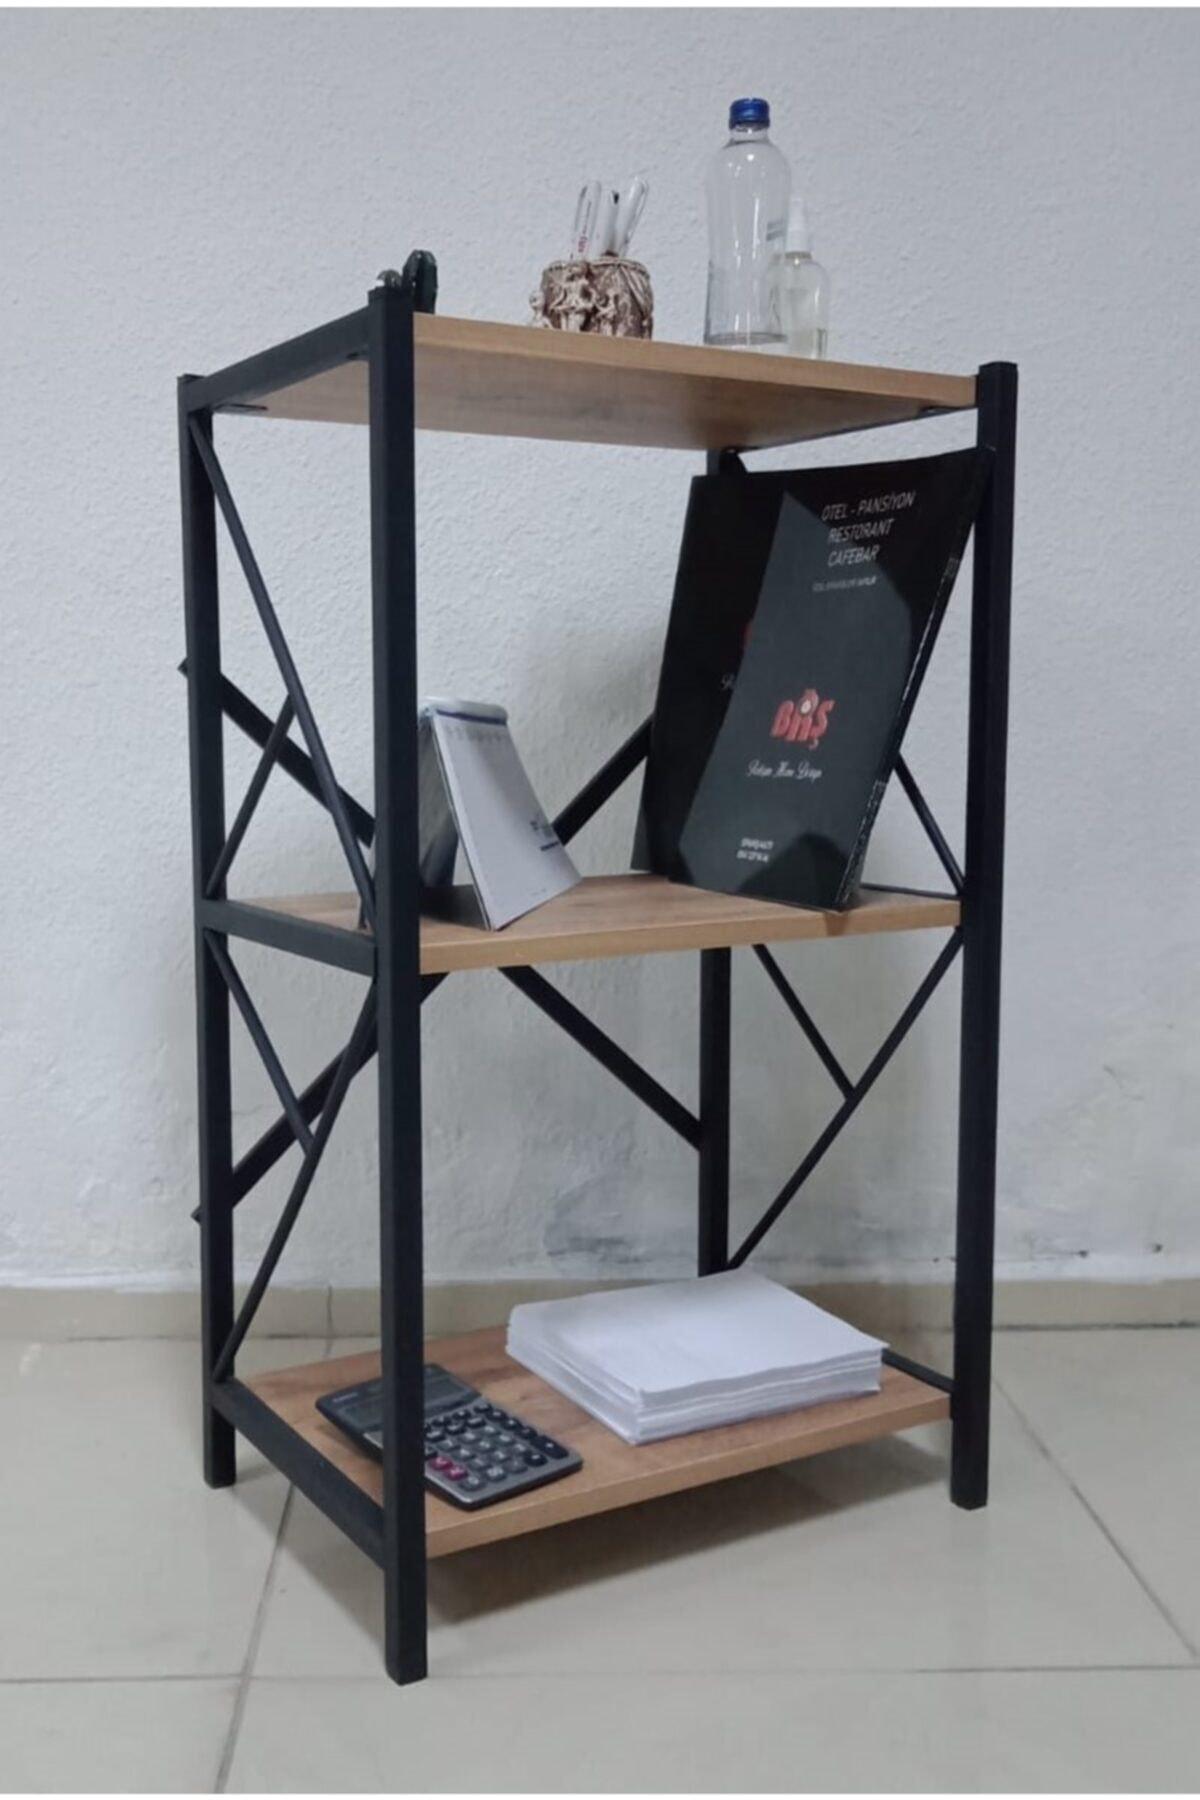 BRŞMOBİLYA Kitaplık / Metal Şık Kitaplık / Mini Metal Kitaplık 1